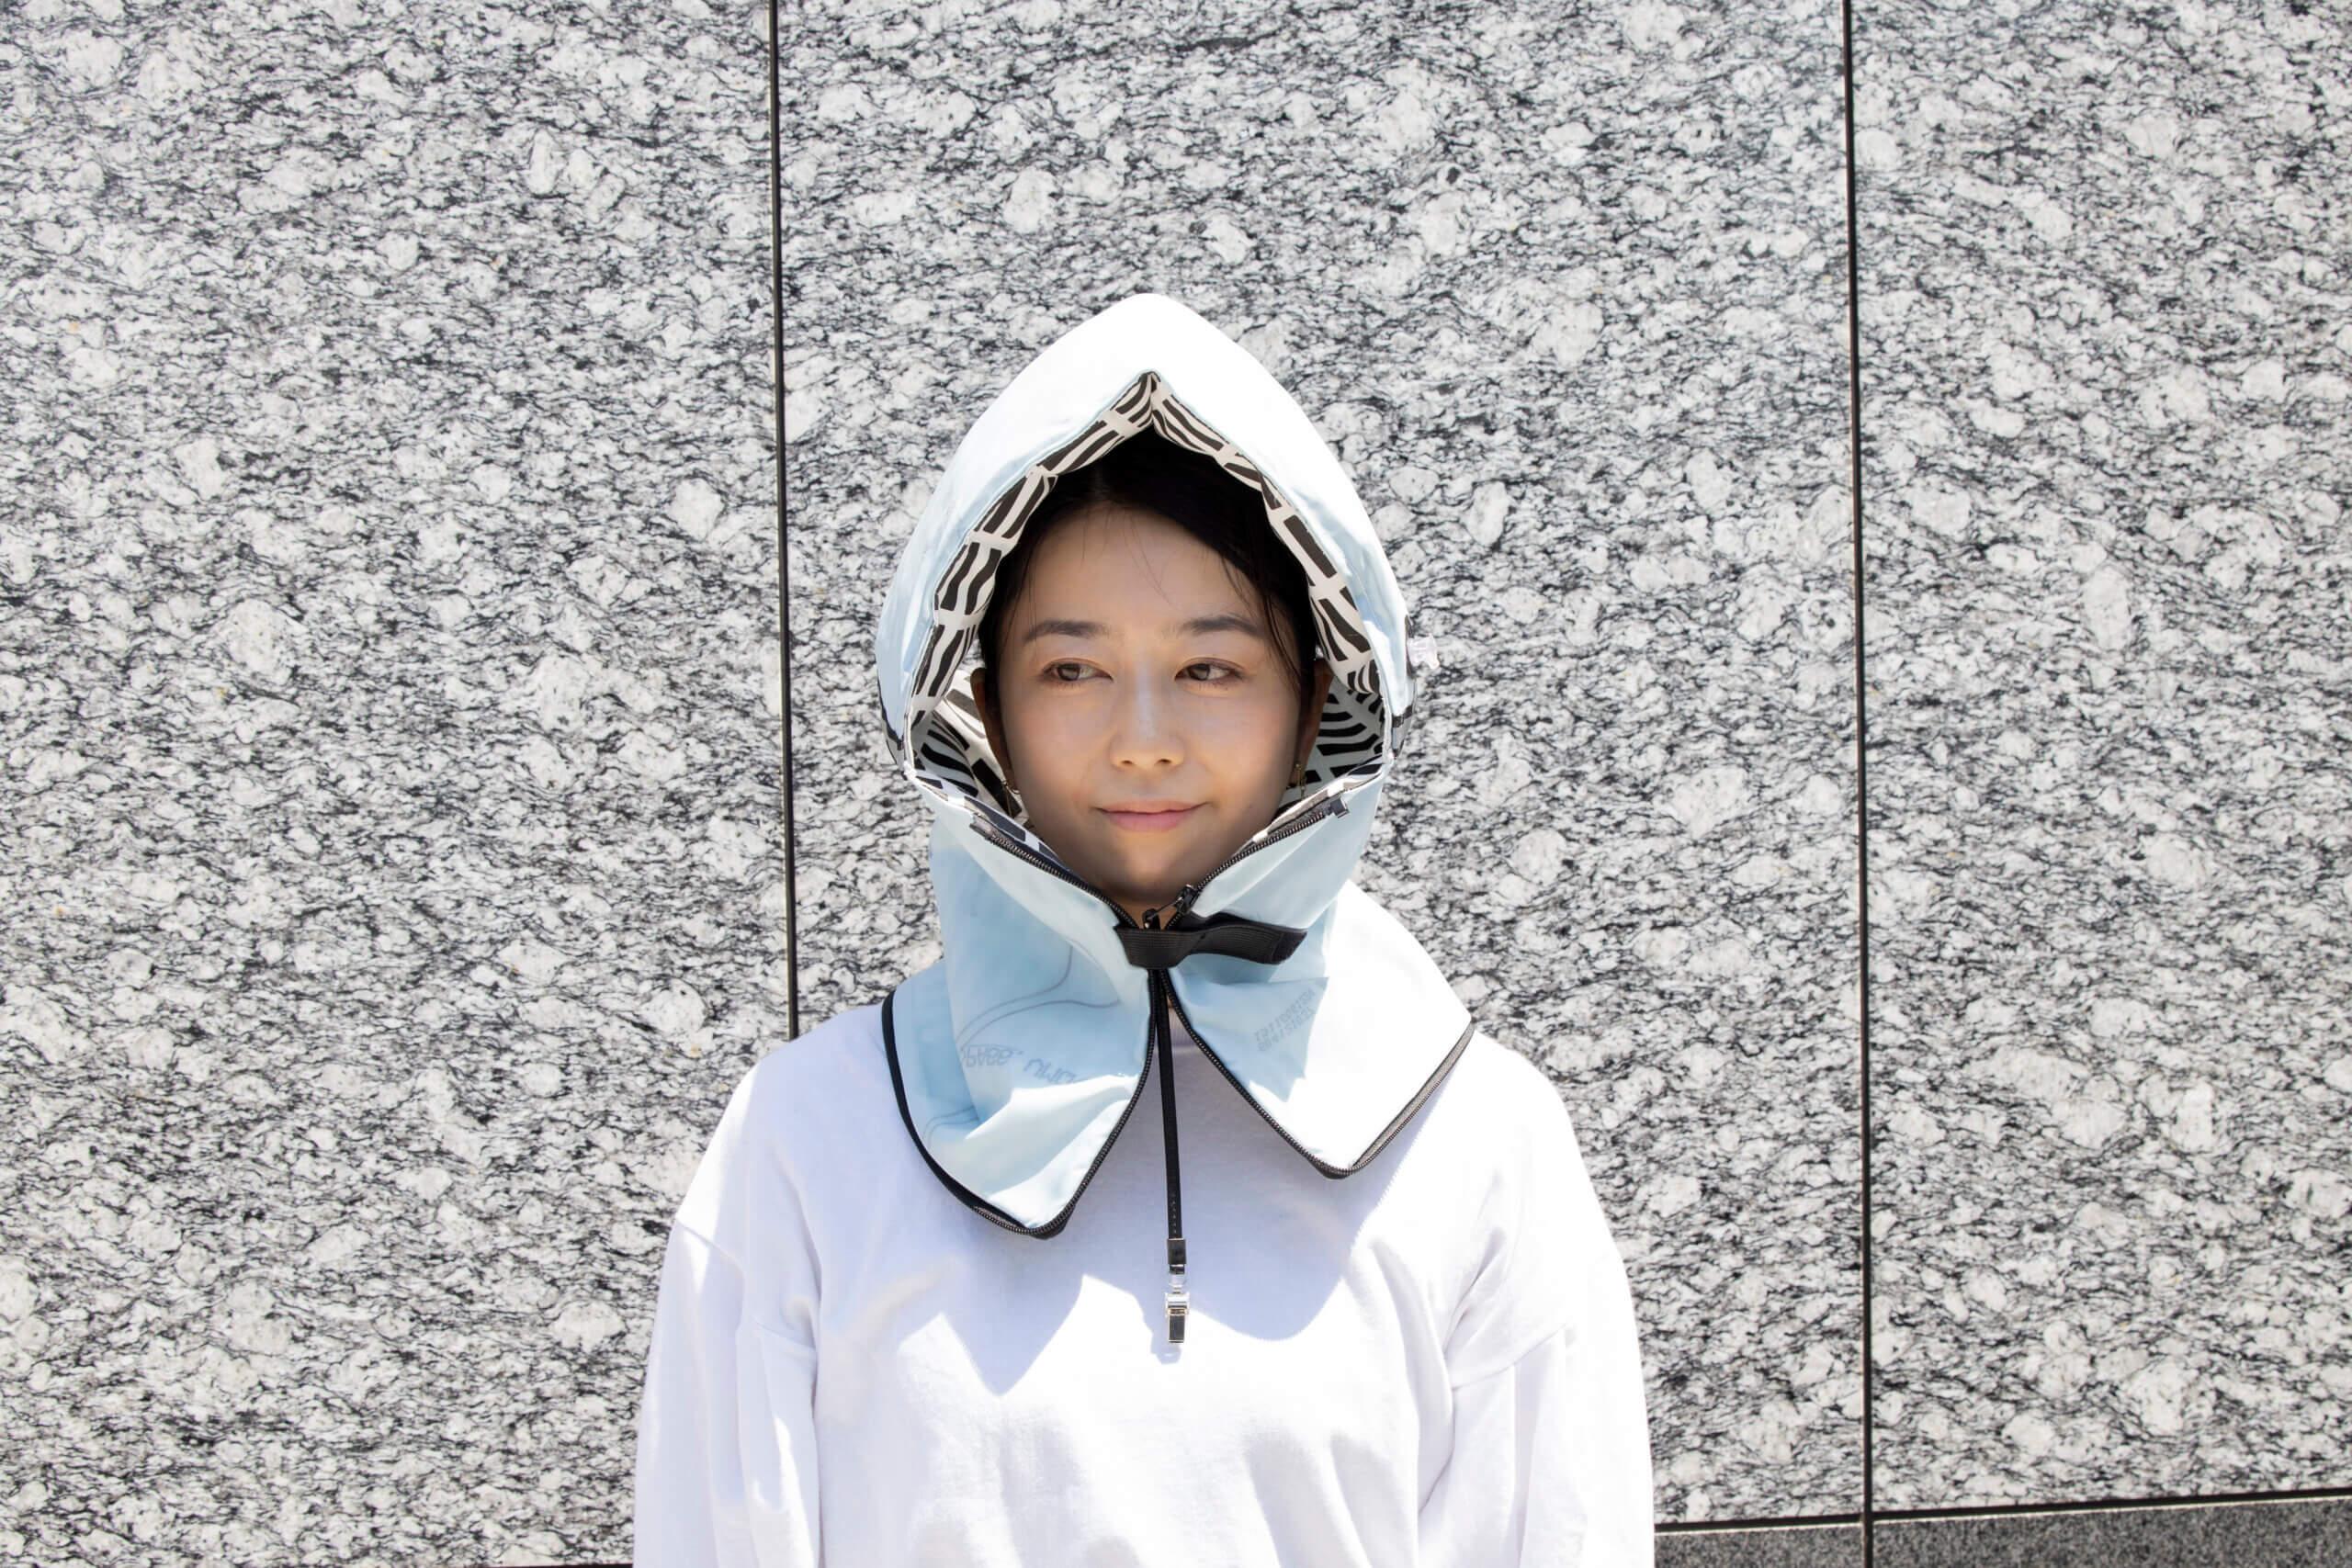 防災頭巾の組み立て方はとても簡単。ファスナーを開けて裏返し、空気入れから空気を入れて膨らませるだけ!